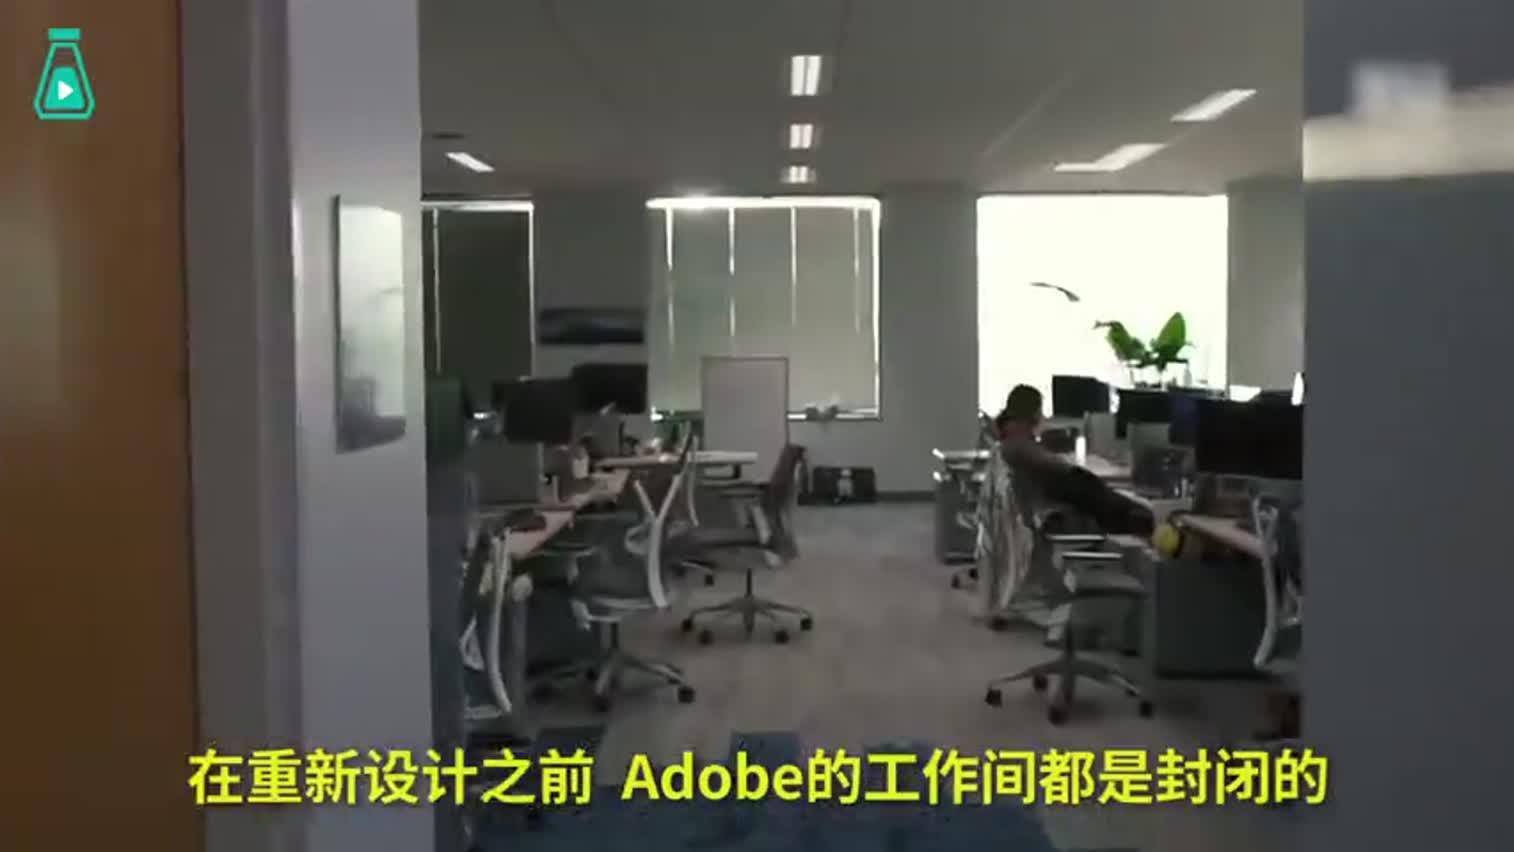 视频-大名鼎鼎的Adobe公司长什么样